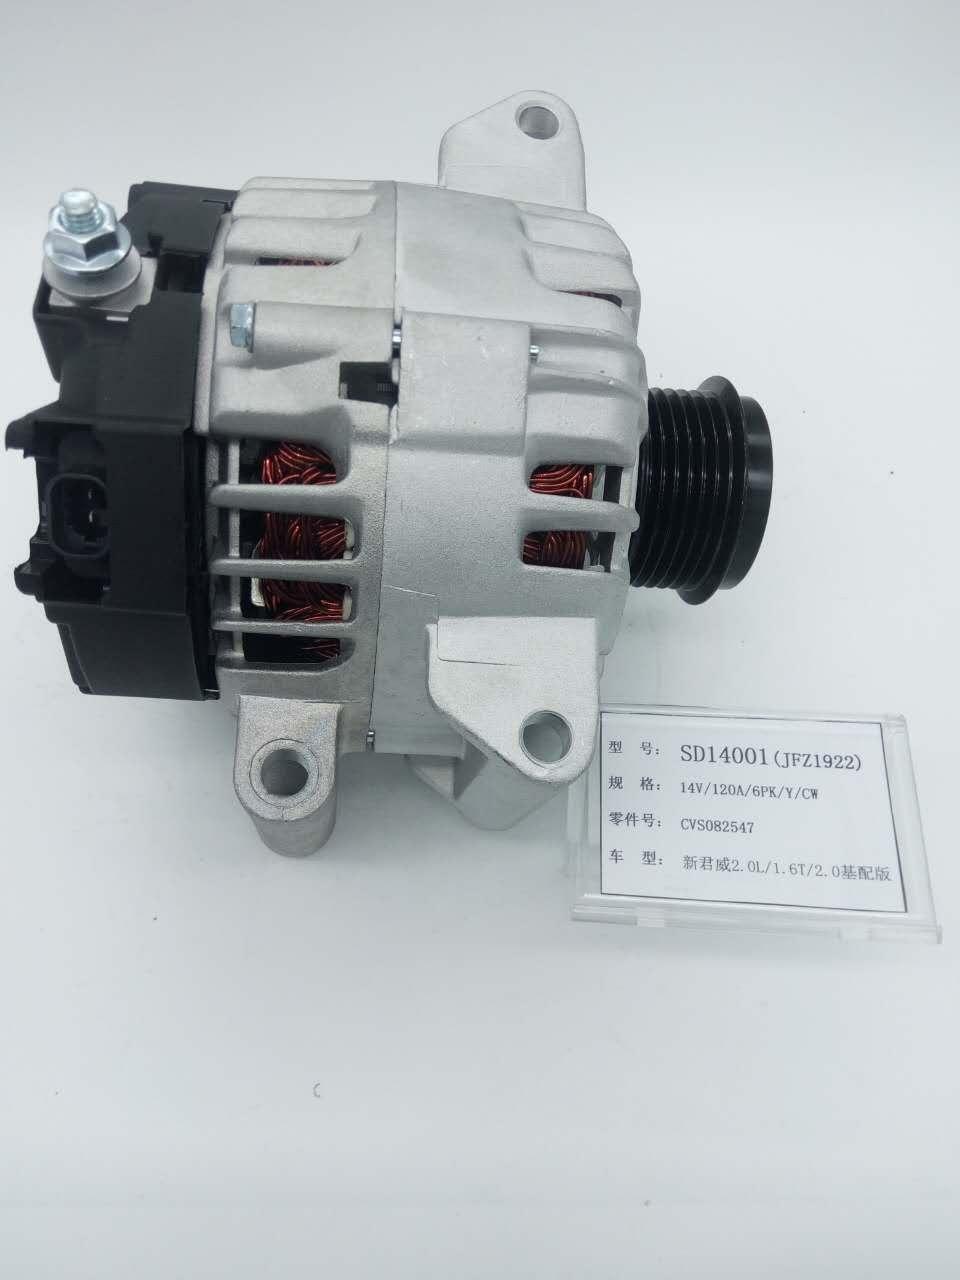 Buick alternator CVS082547 9025845 SD14001